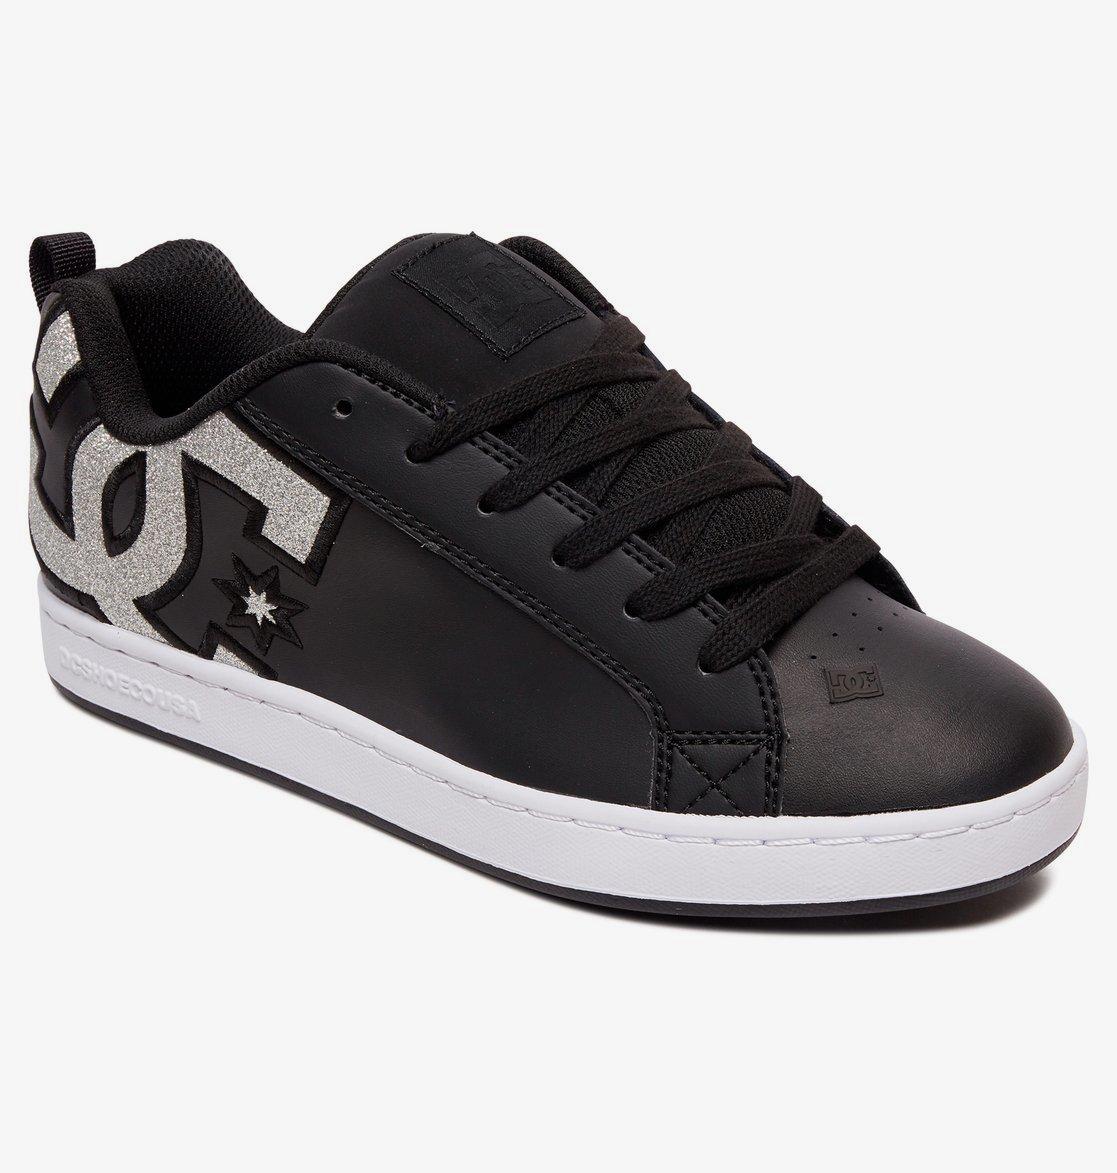 baratas para la venta gran descuento para mejores zapatos Court Graffik SE - Zapatillas de cuero para Mujer